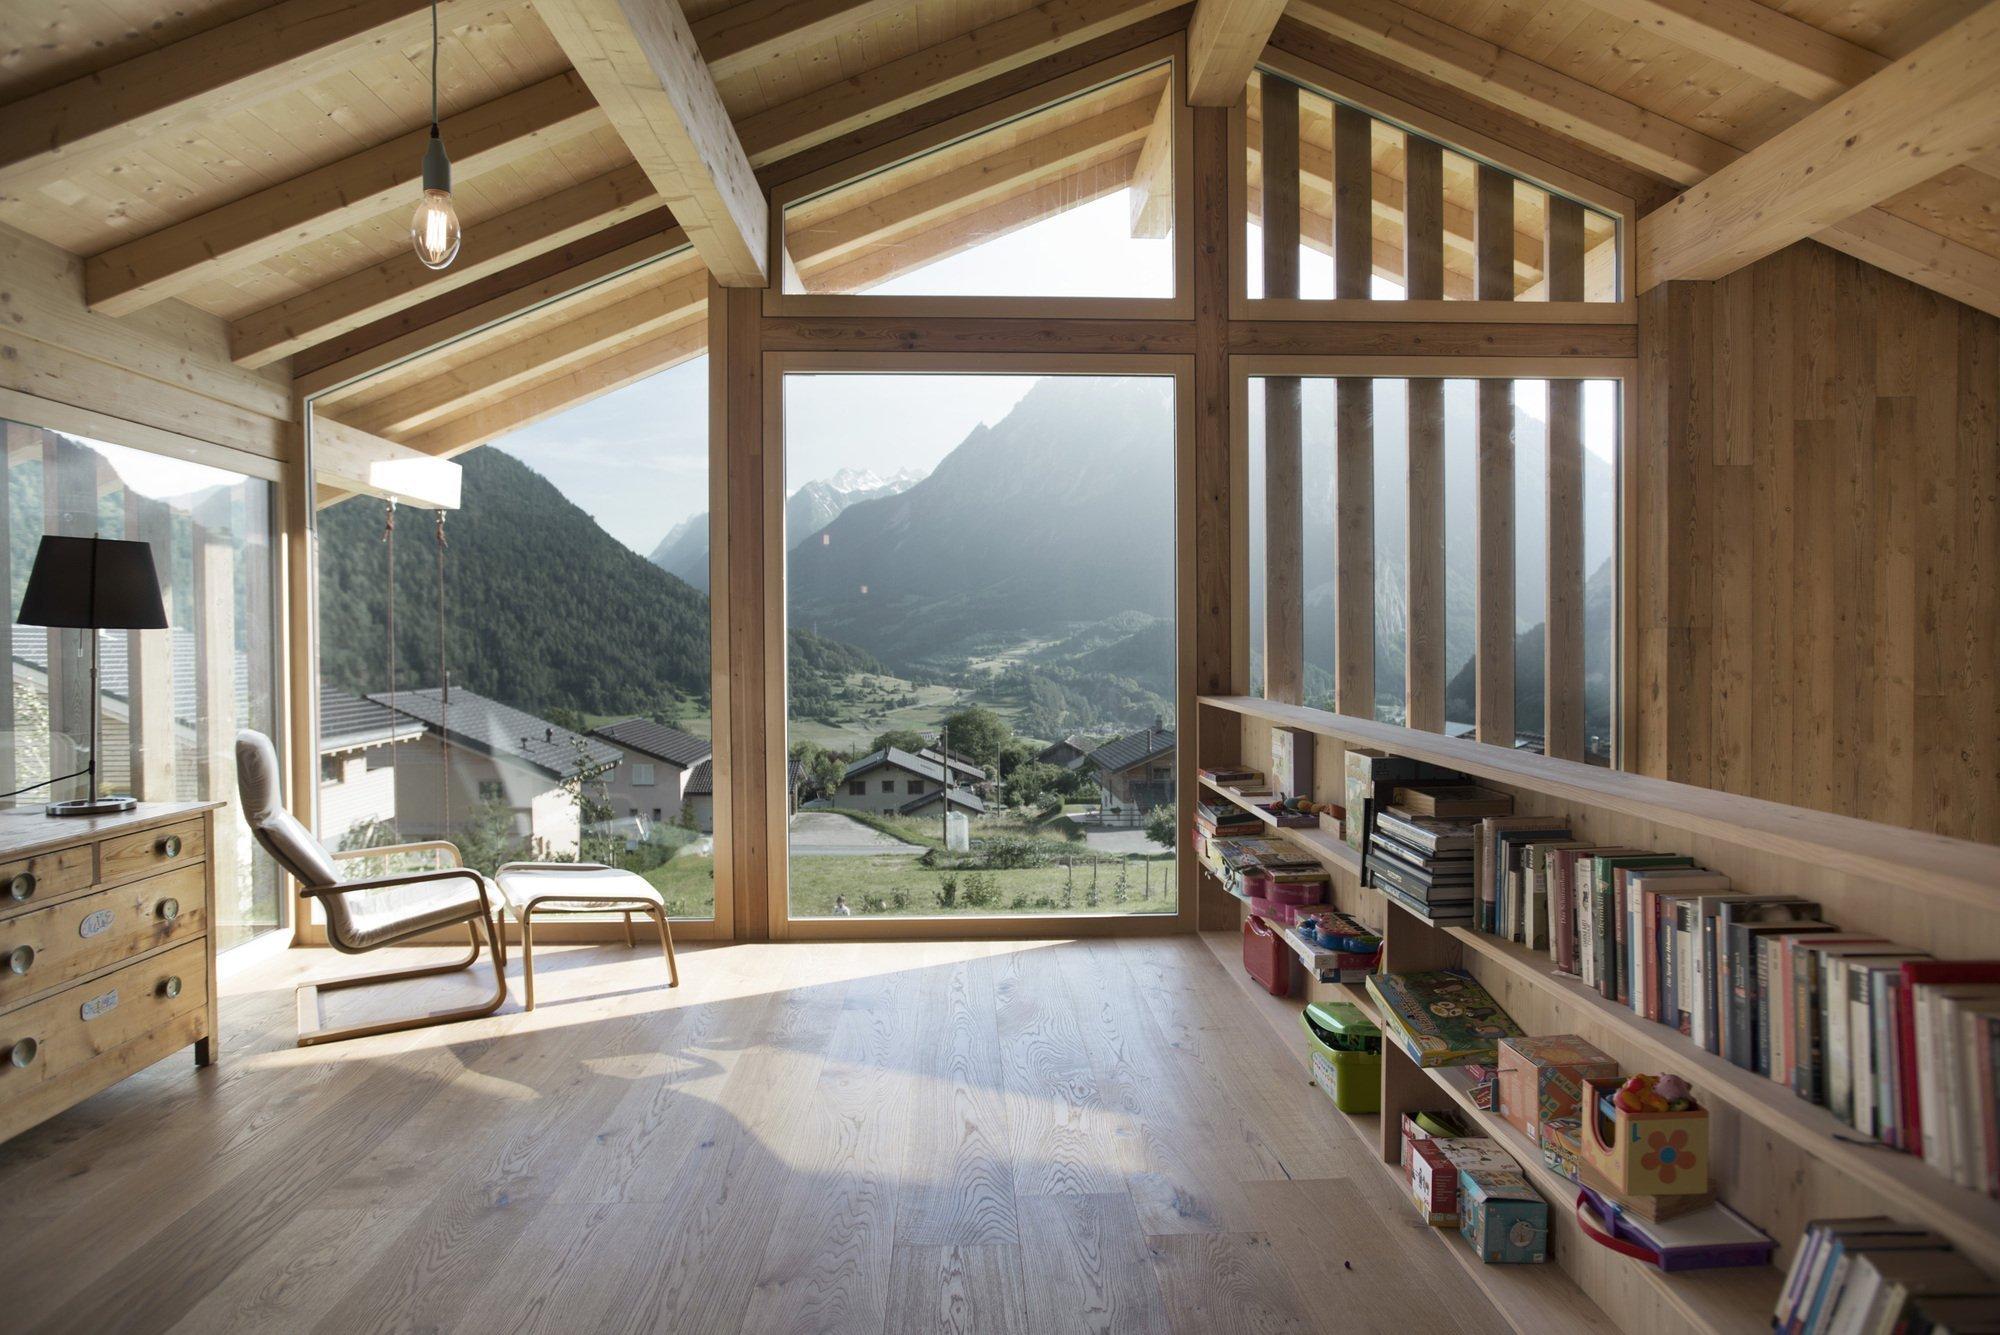 Velice přitažlivým ztělesněním moderní architektury je chata s úchvatným výhledem na švýcarské hory. Ve Vollèges, obci frankofonní části Švýcarska, totiž pod taktovkou architekta Romaina Pellissiera ze společnosti Alp'Architecture Sàrl vzniklo nadčasové bydlení plné tepla, slunce i inspirace.